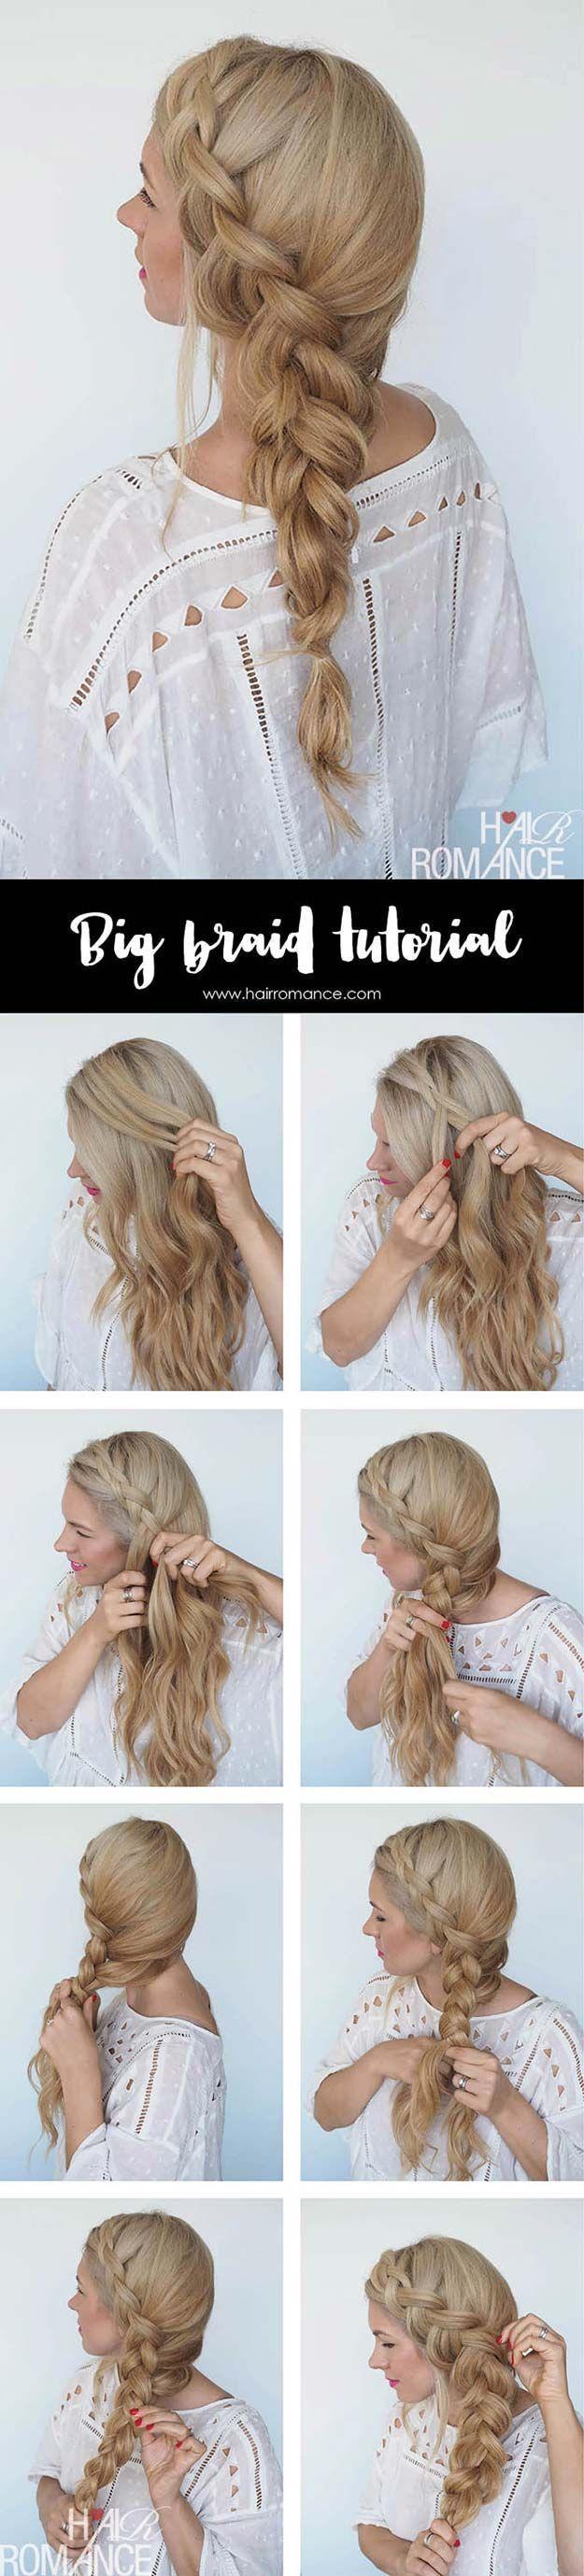 of the best cute hair braiding tutorials mermaid hair tutorials